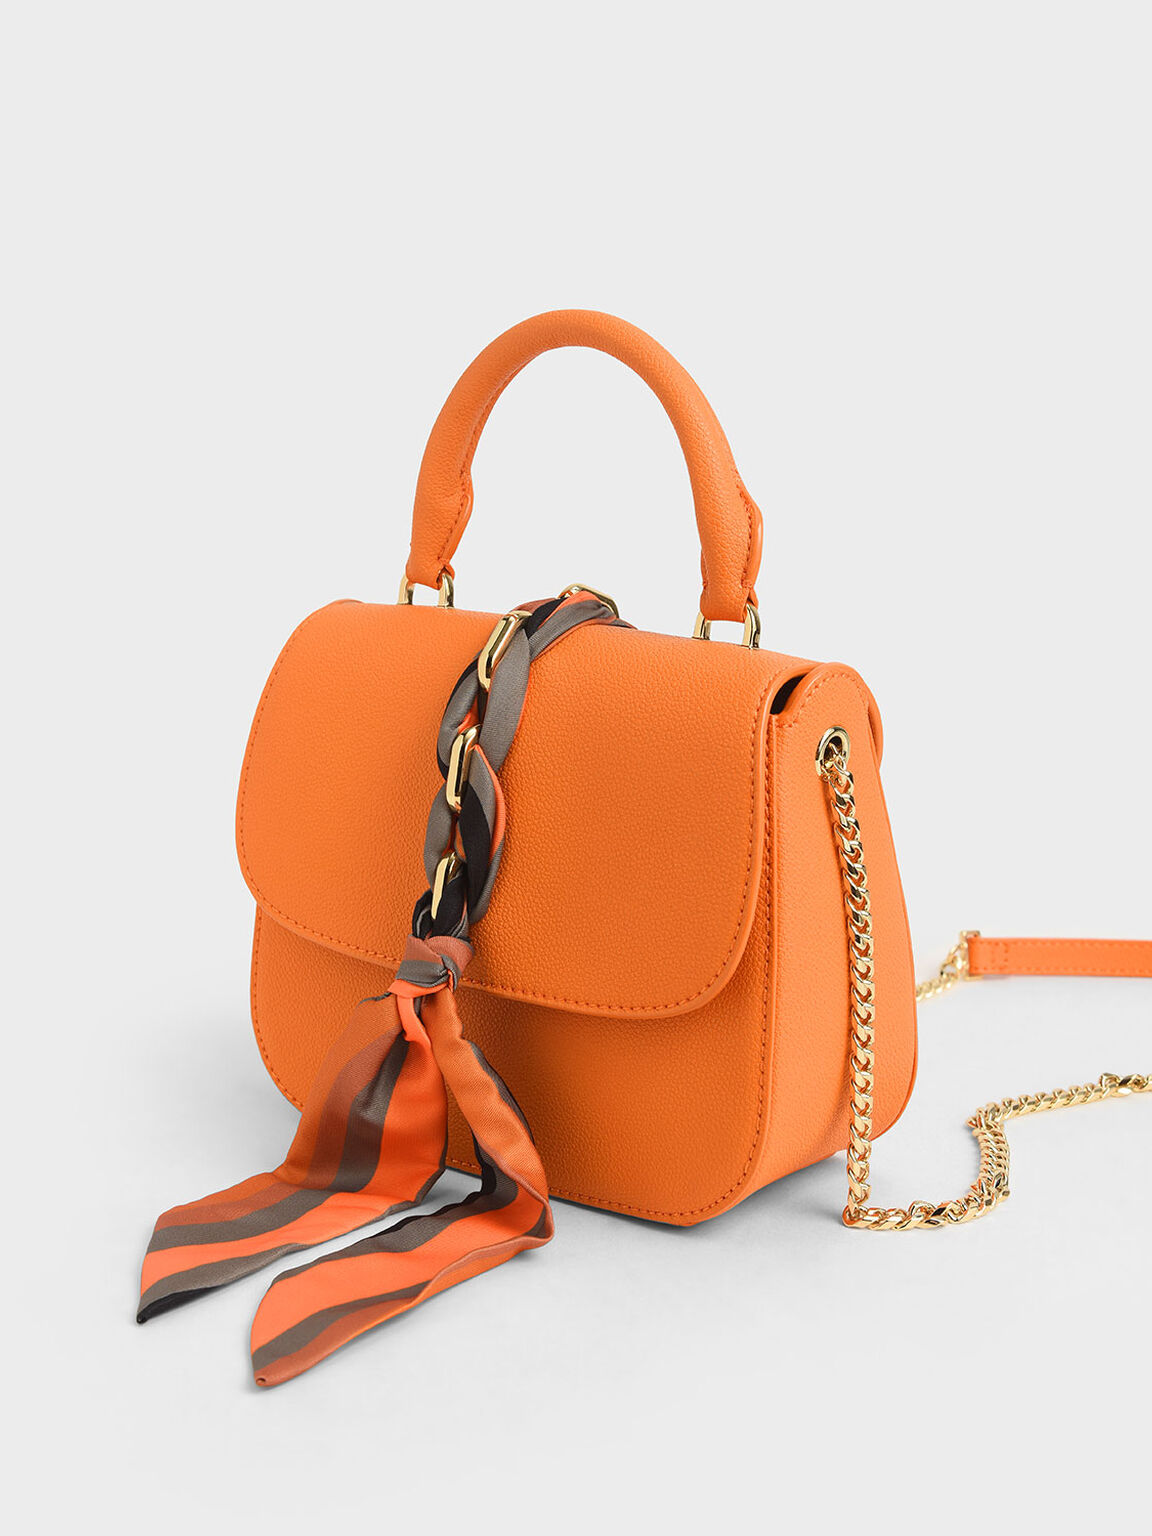 絲巾掀蓋手提包, 橘色, hi-res